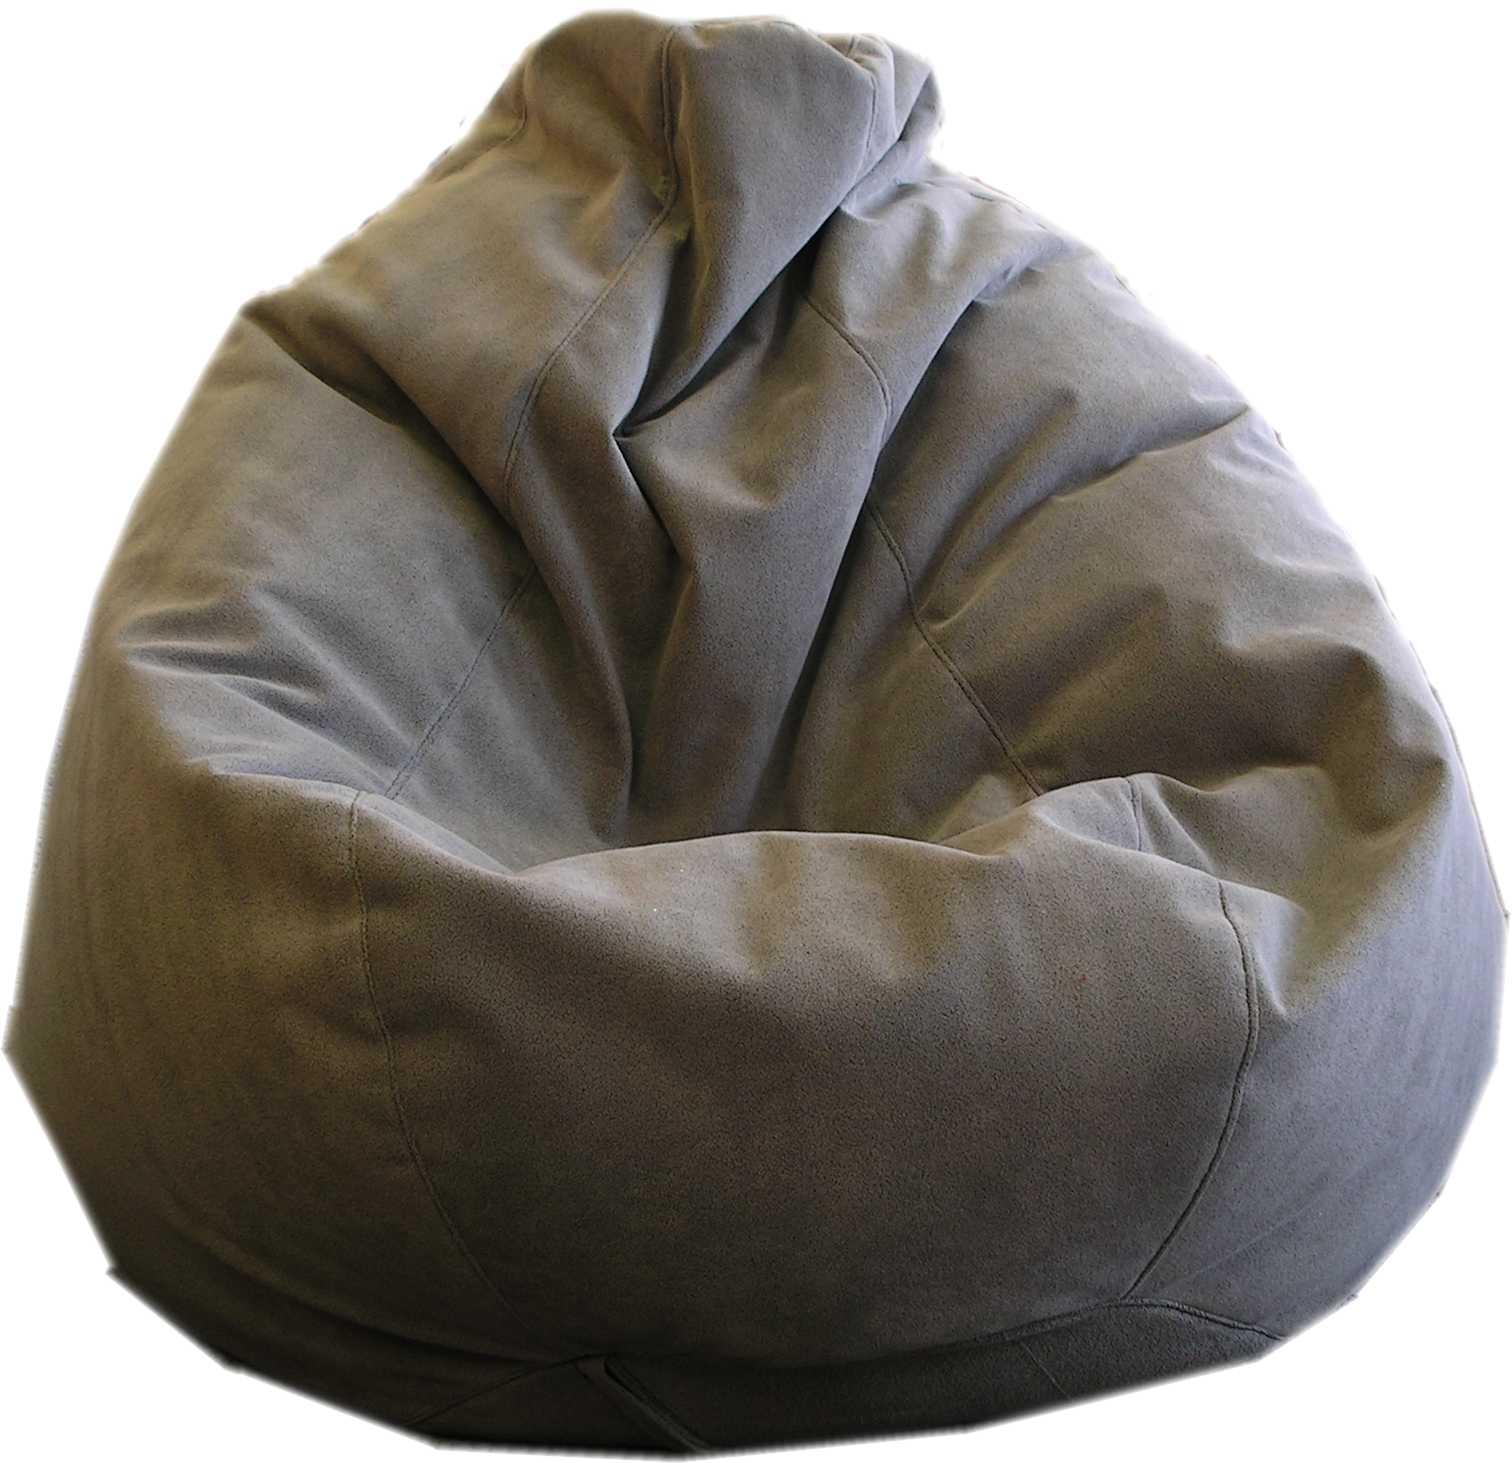 Bean Bag Chairs  ideahomeimprovement